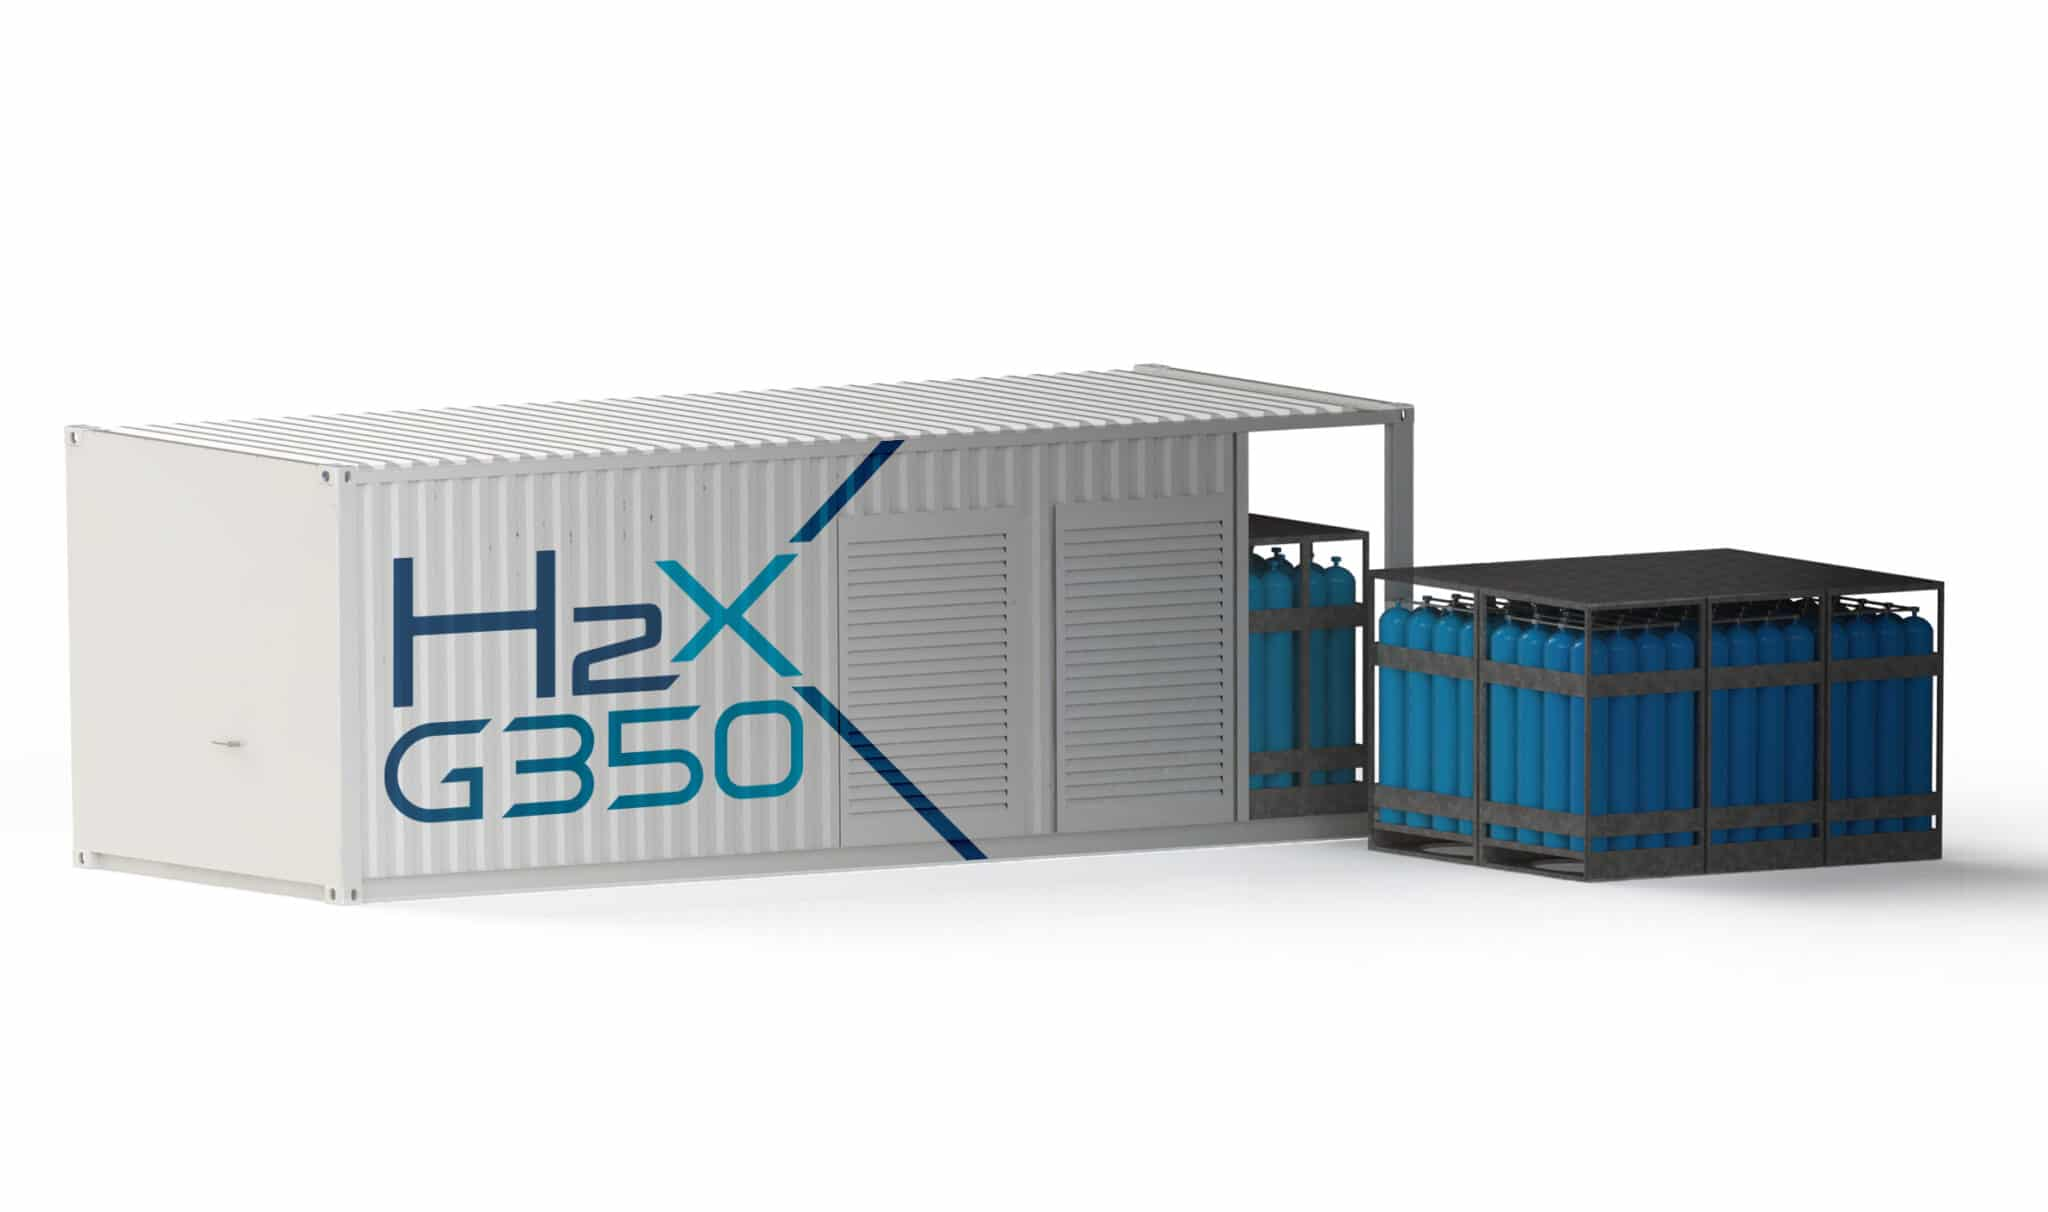 H2X-Affiche-visuel-GE350-copy